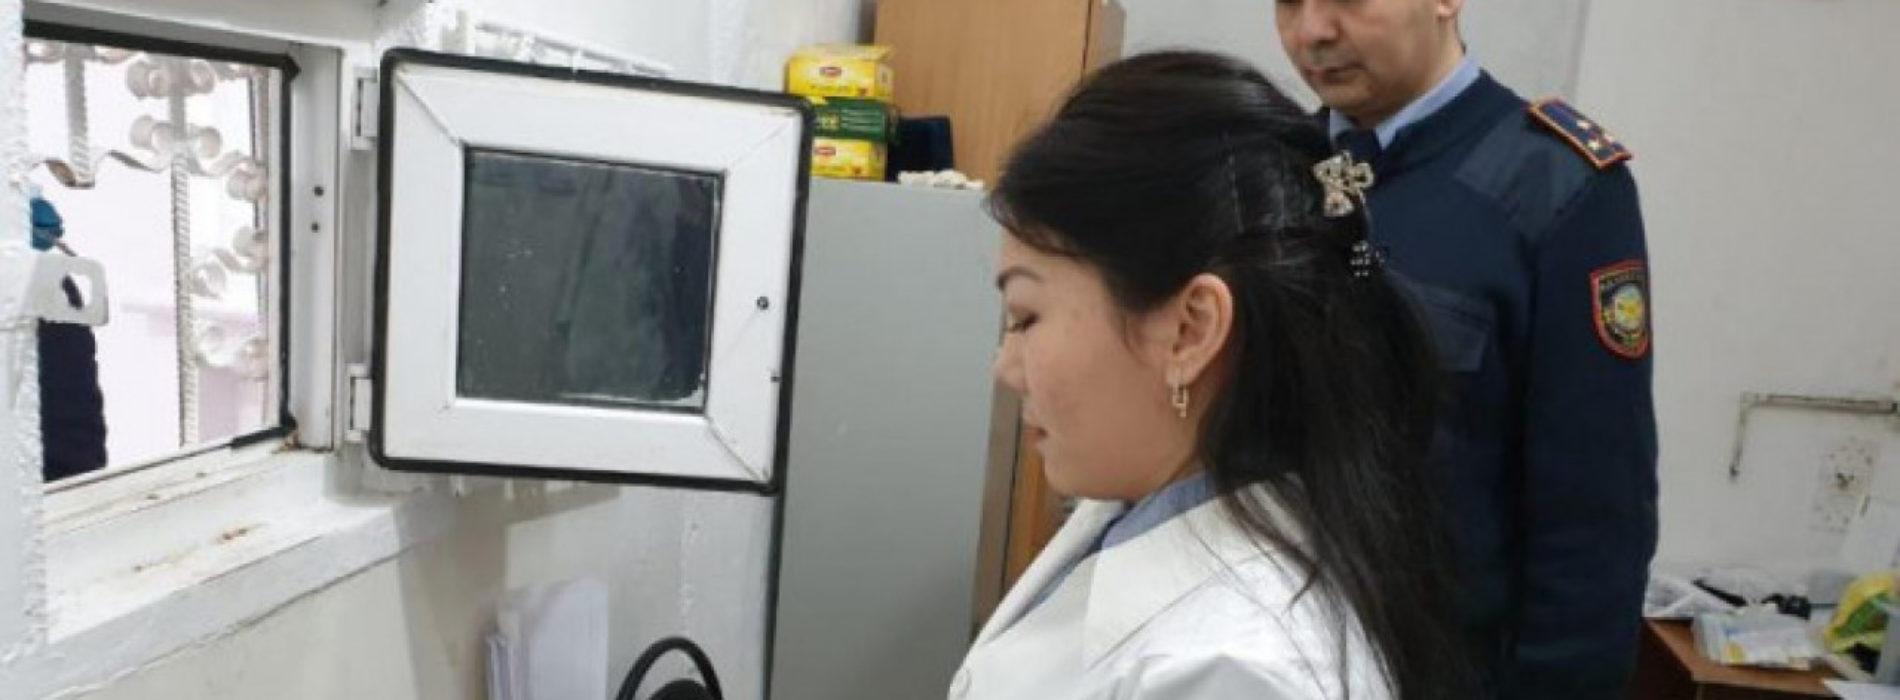 В Атырау директору ломбарда пытались передать деньги в СИЗО